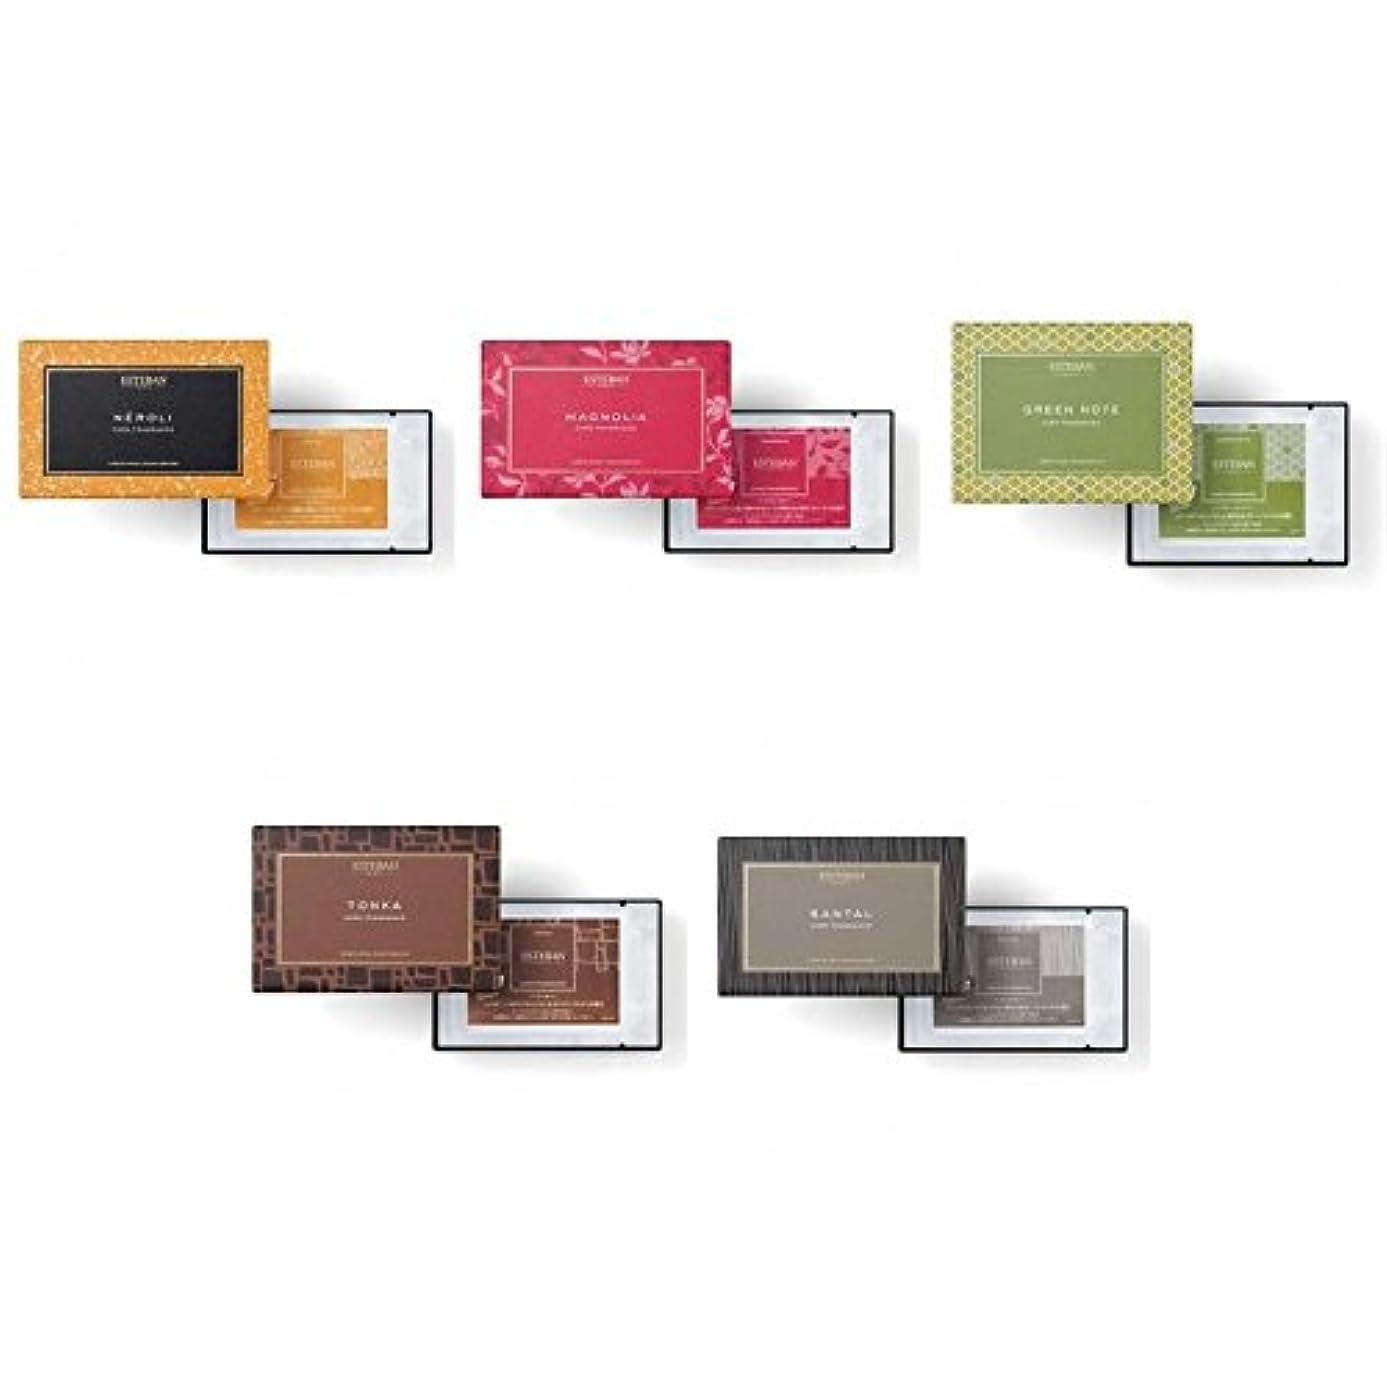 固執動作麻酔薬エステバン カードフレグランス 5種セット